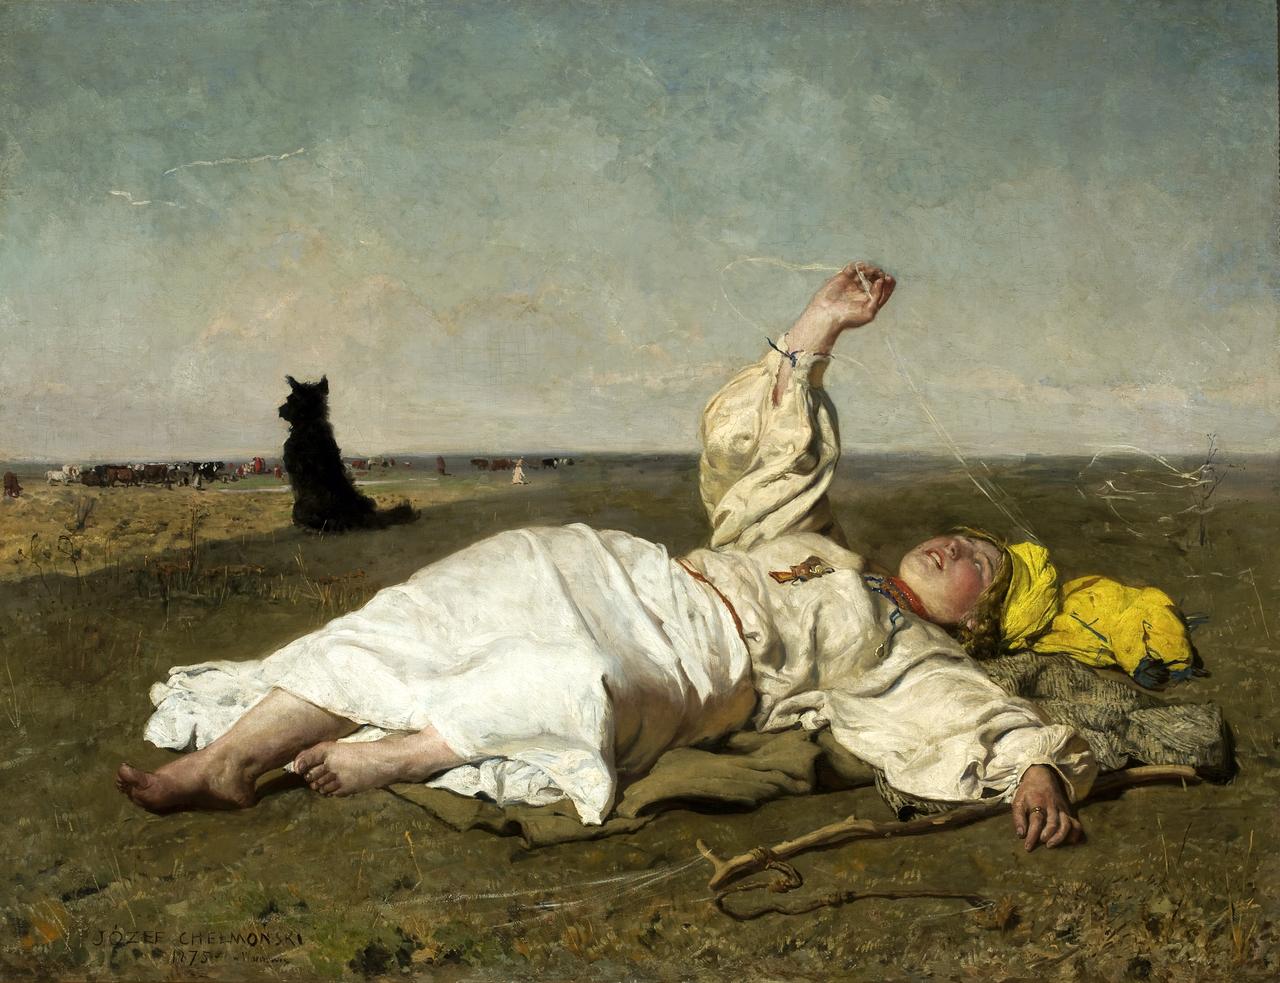 Babie lato Źródło: Józef Chełmoński, Babie lato, 1875, olej na płótnie, Muzeum Narodowe wWarszawie.